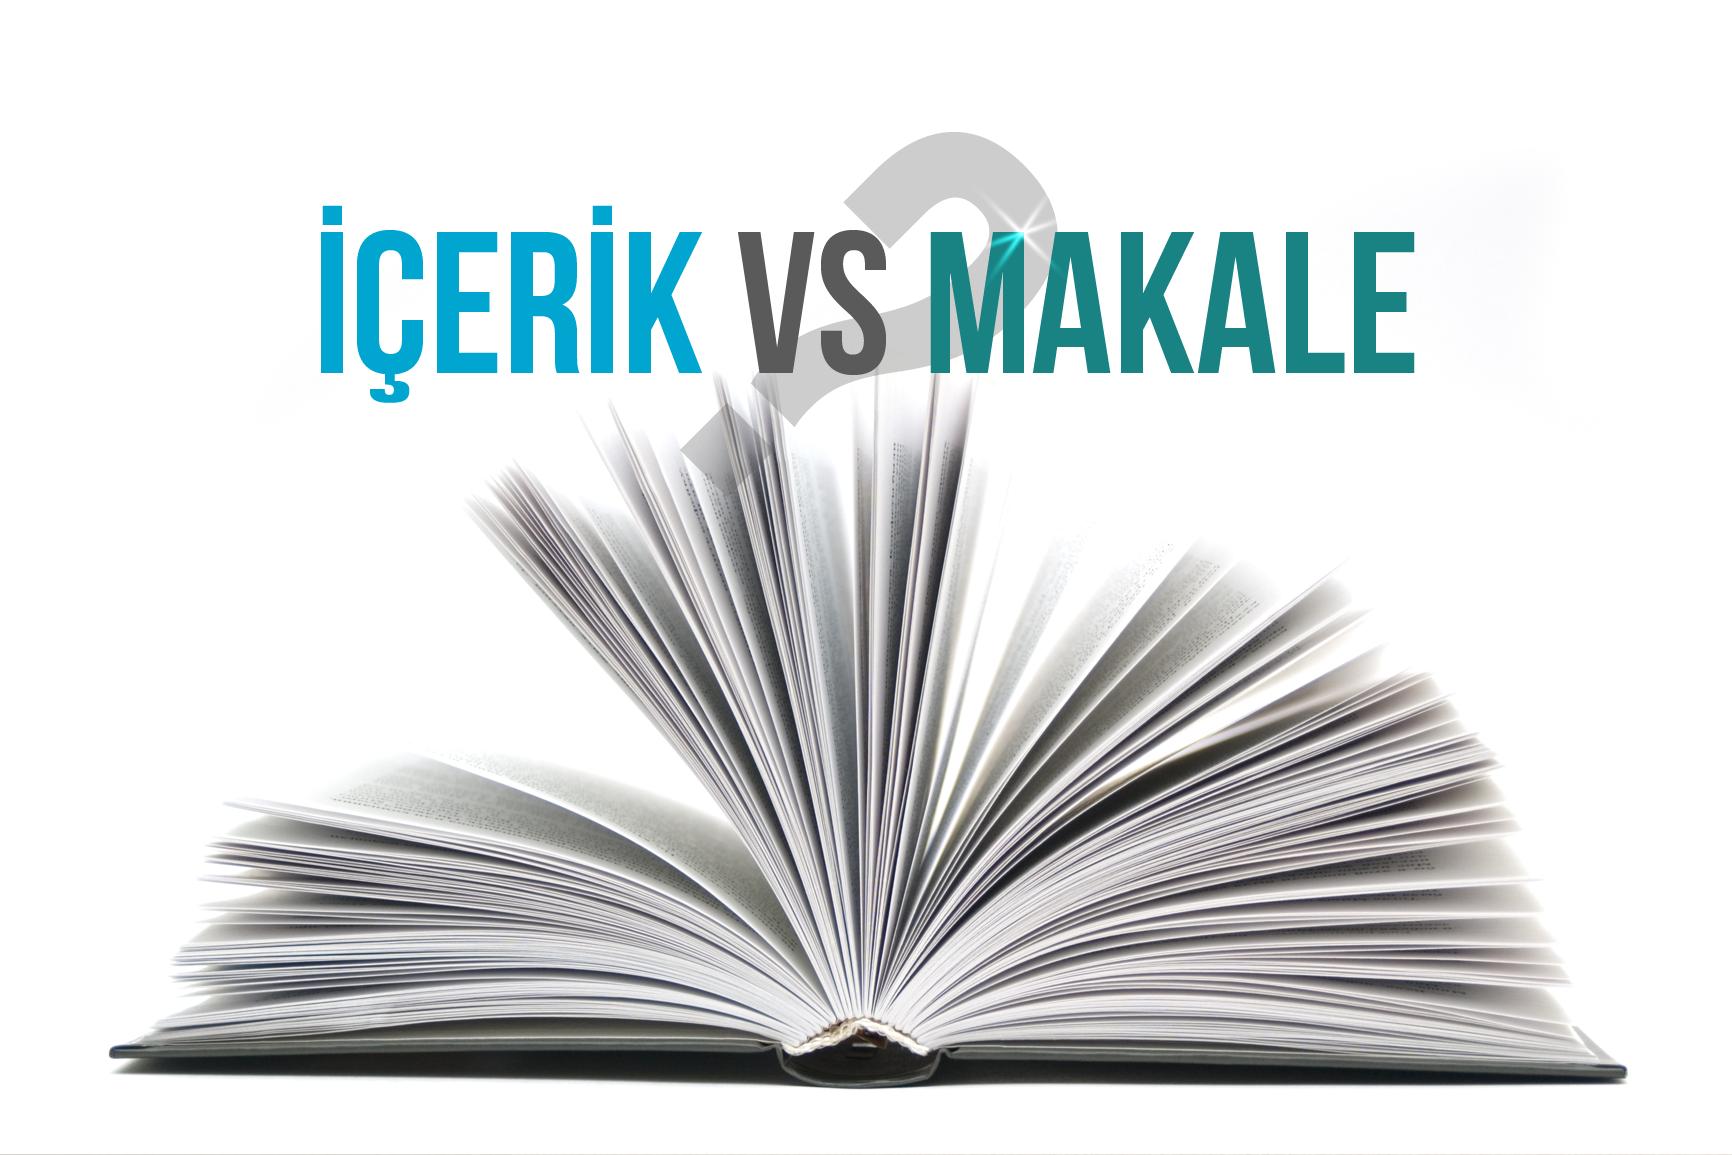 icerikvsmakale2